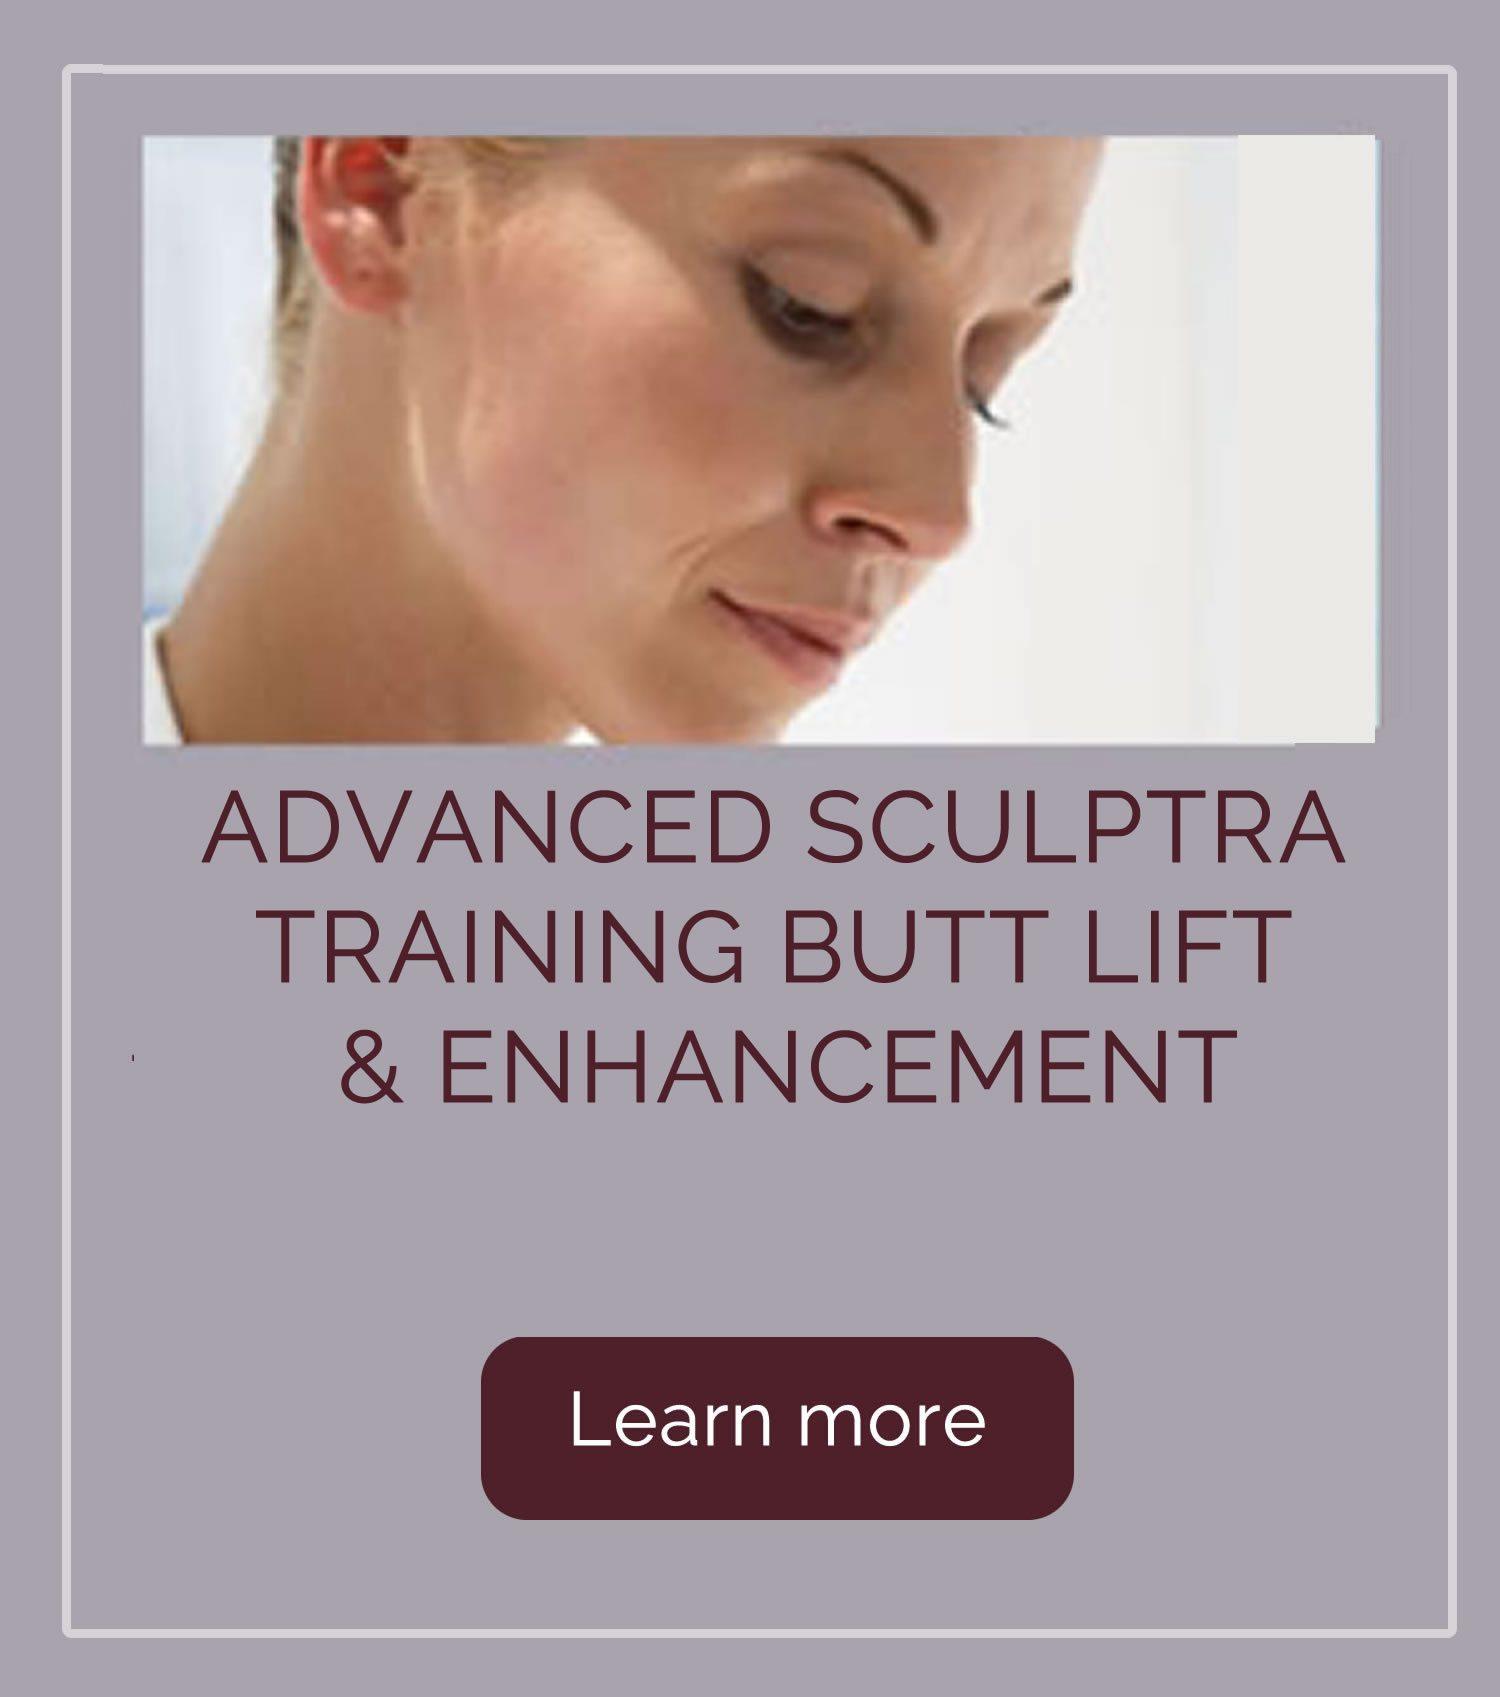 Advanced Sculptra Training Butt Lift & Enhancement